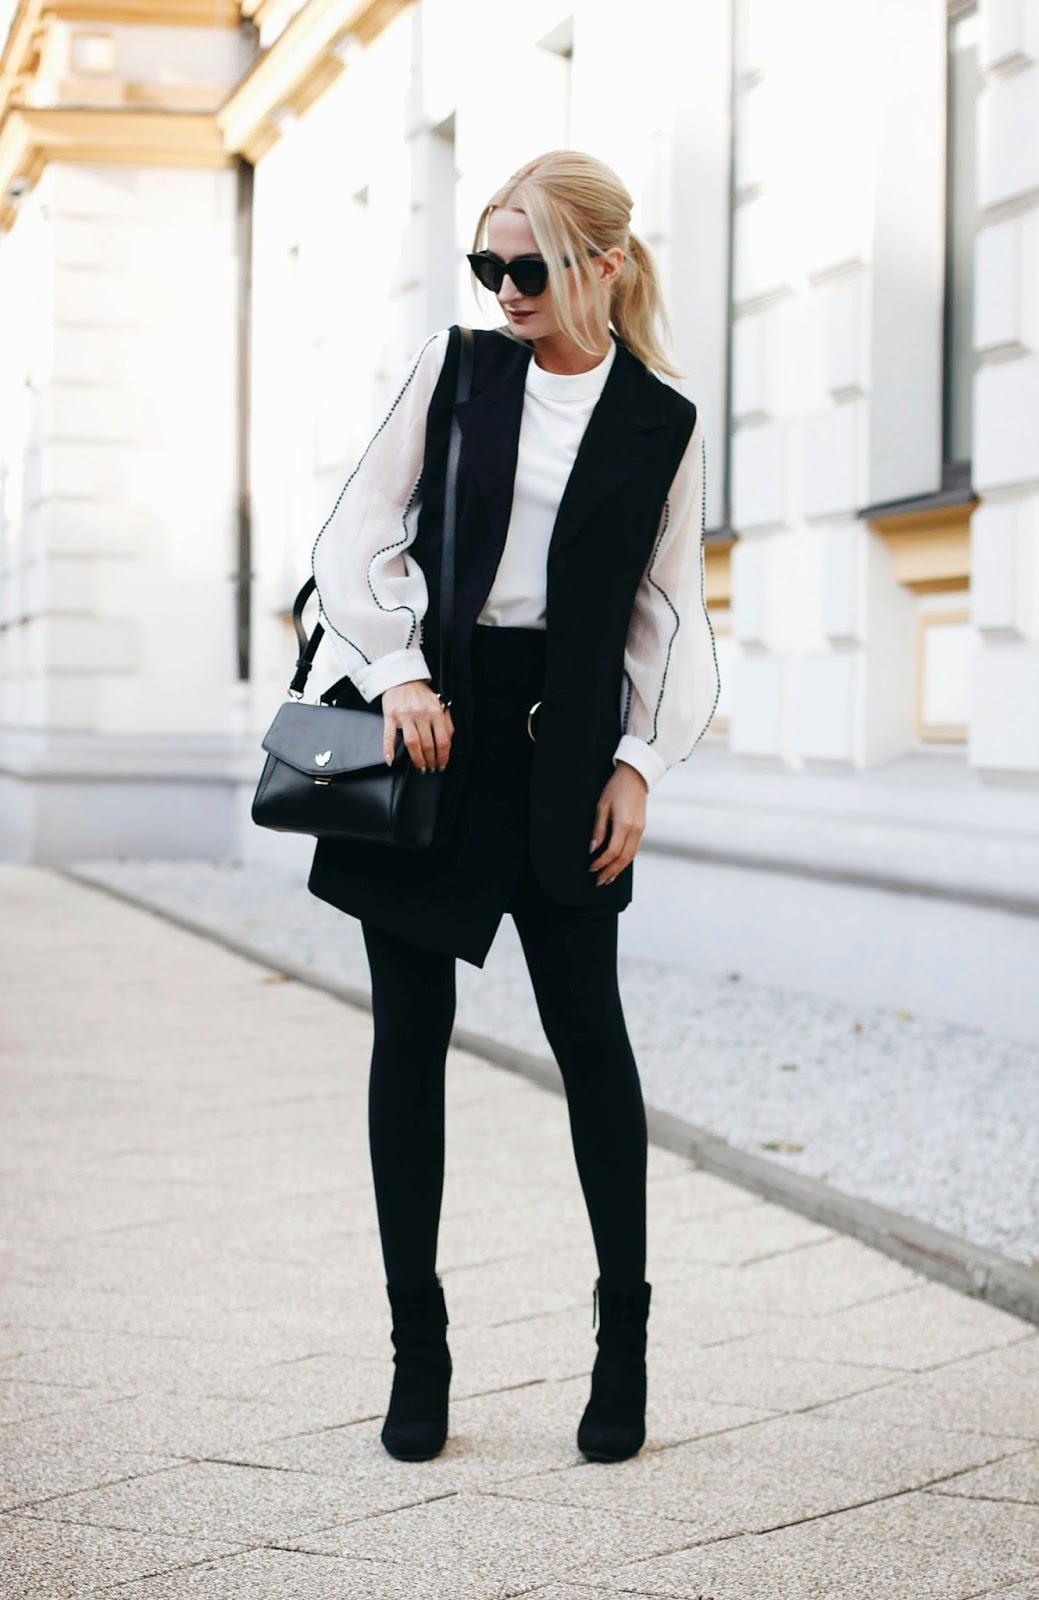 Klasyczna biało - czarna stylizacja